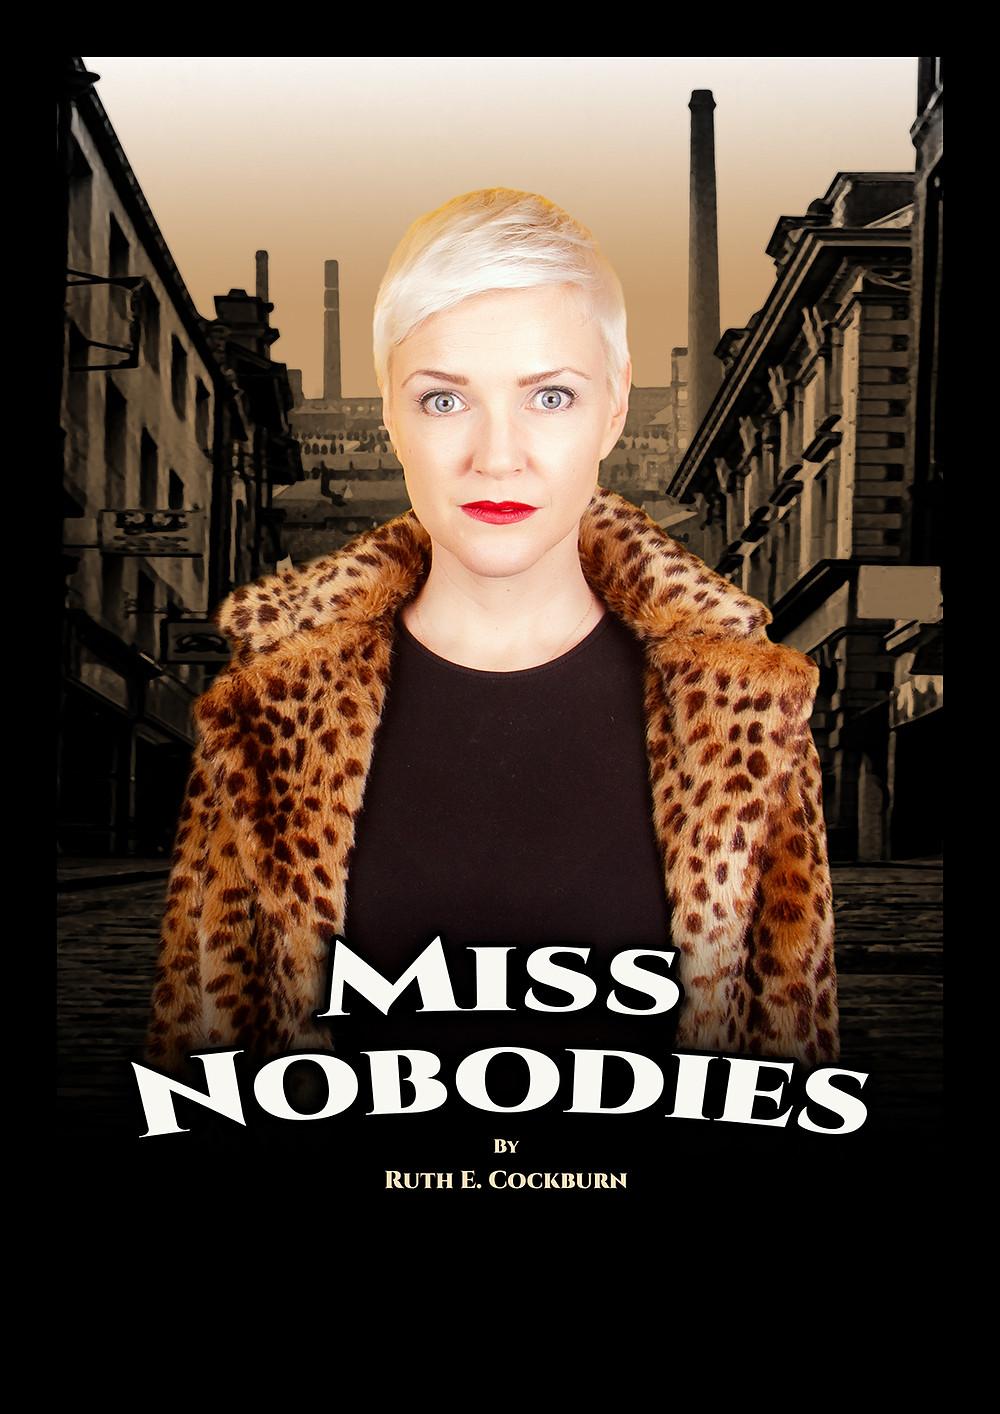 Miss Nobodies